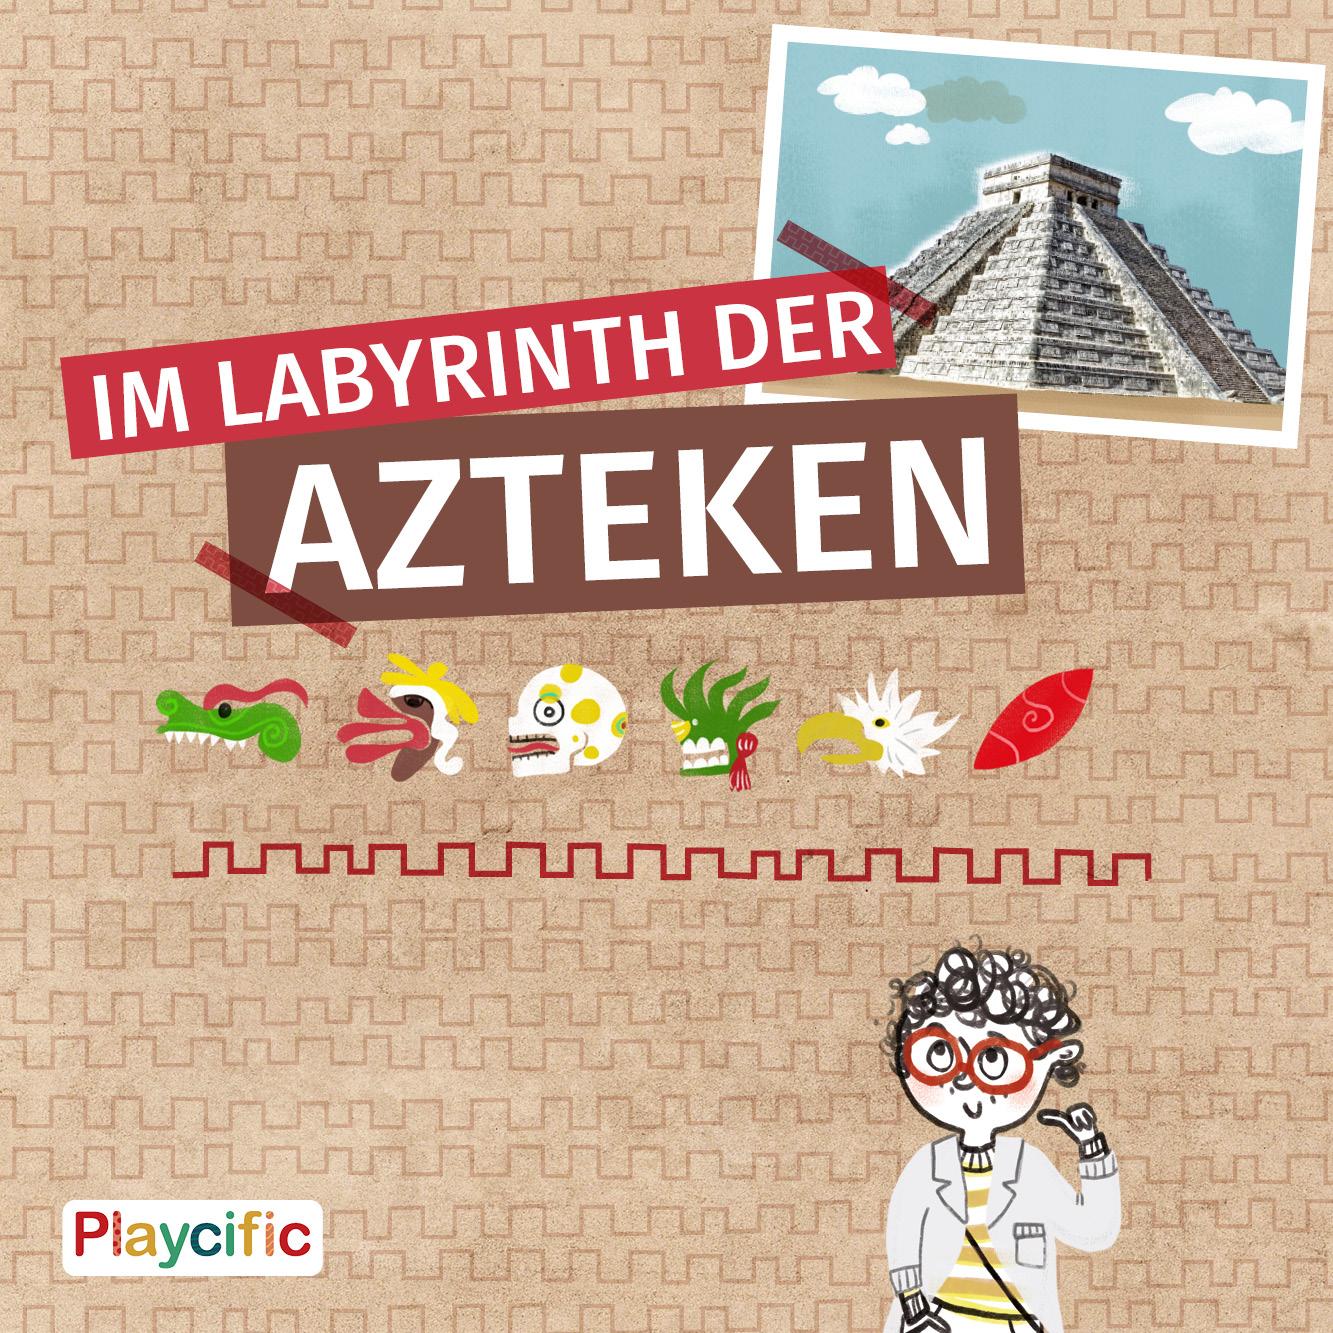 Im Labyrinth der Azteken